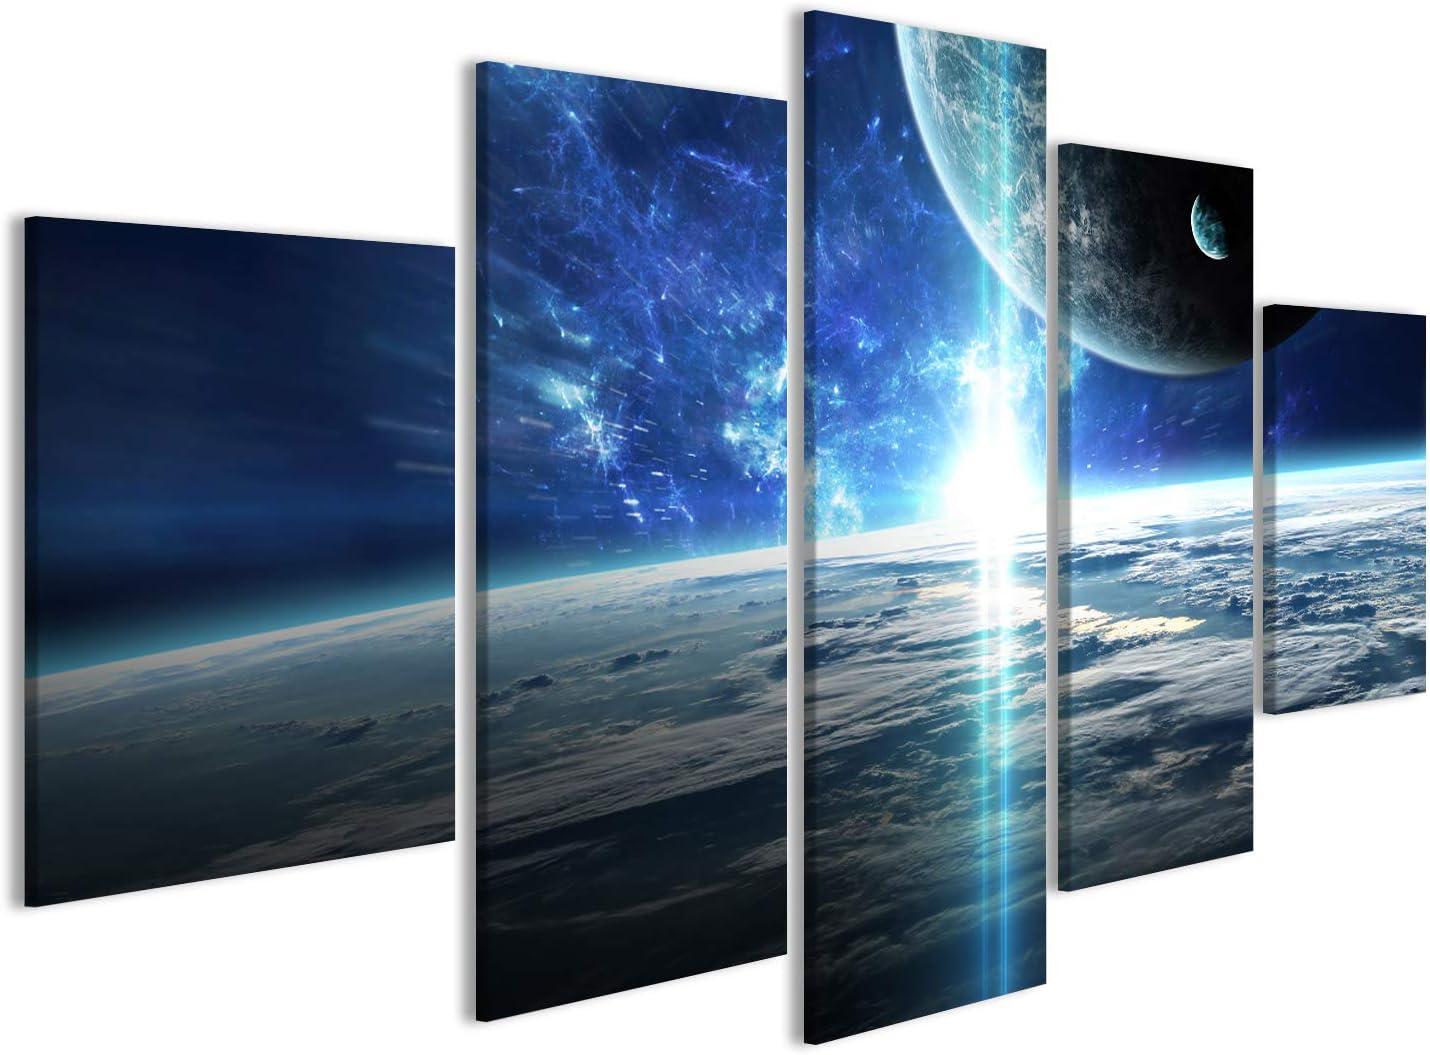 Cuadro Cuadros Escena del Universo con Planetas, Estrellas y Galaxias en el Espacio Impresión sobre Lienzo - Formato Grande - Cuadros Modernos DTS